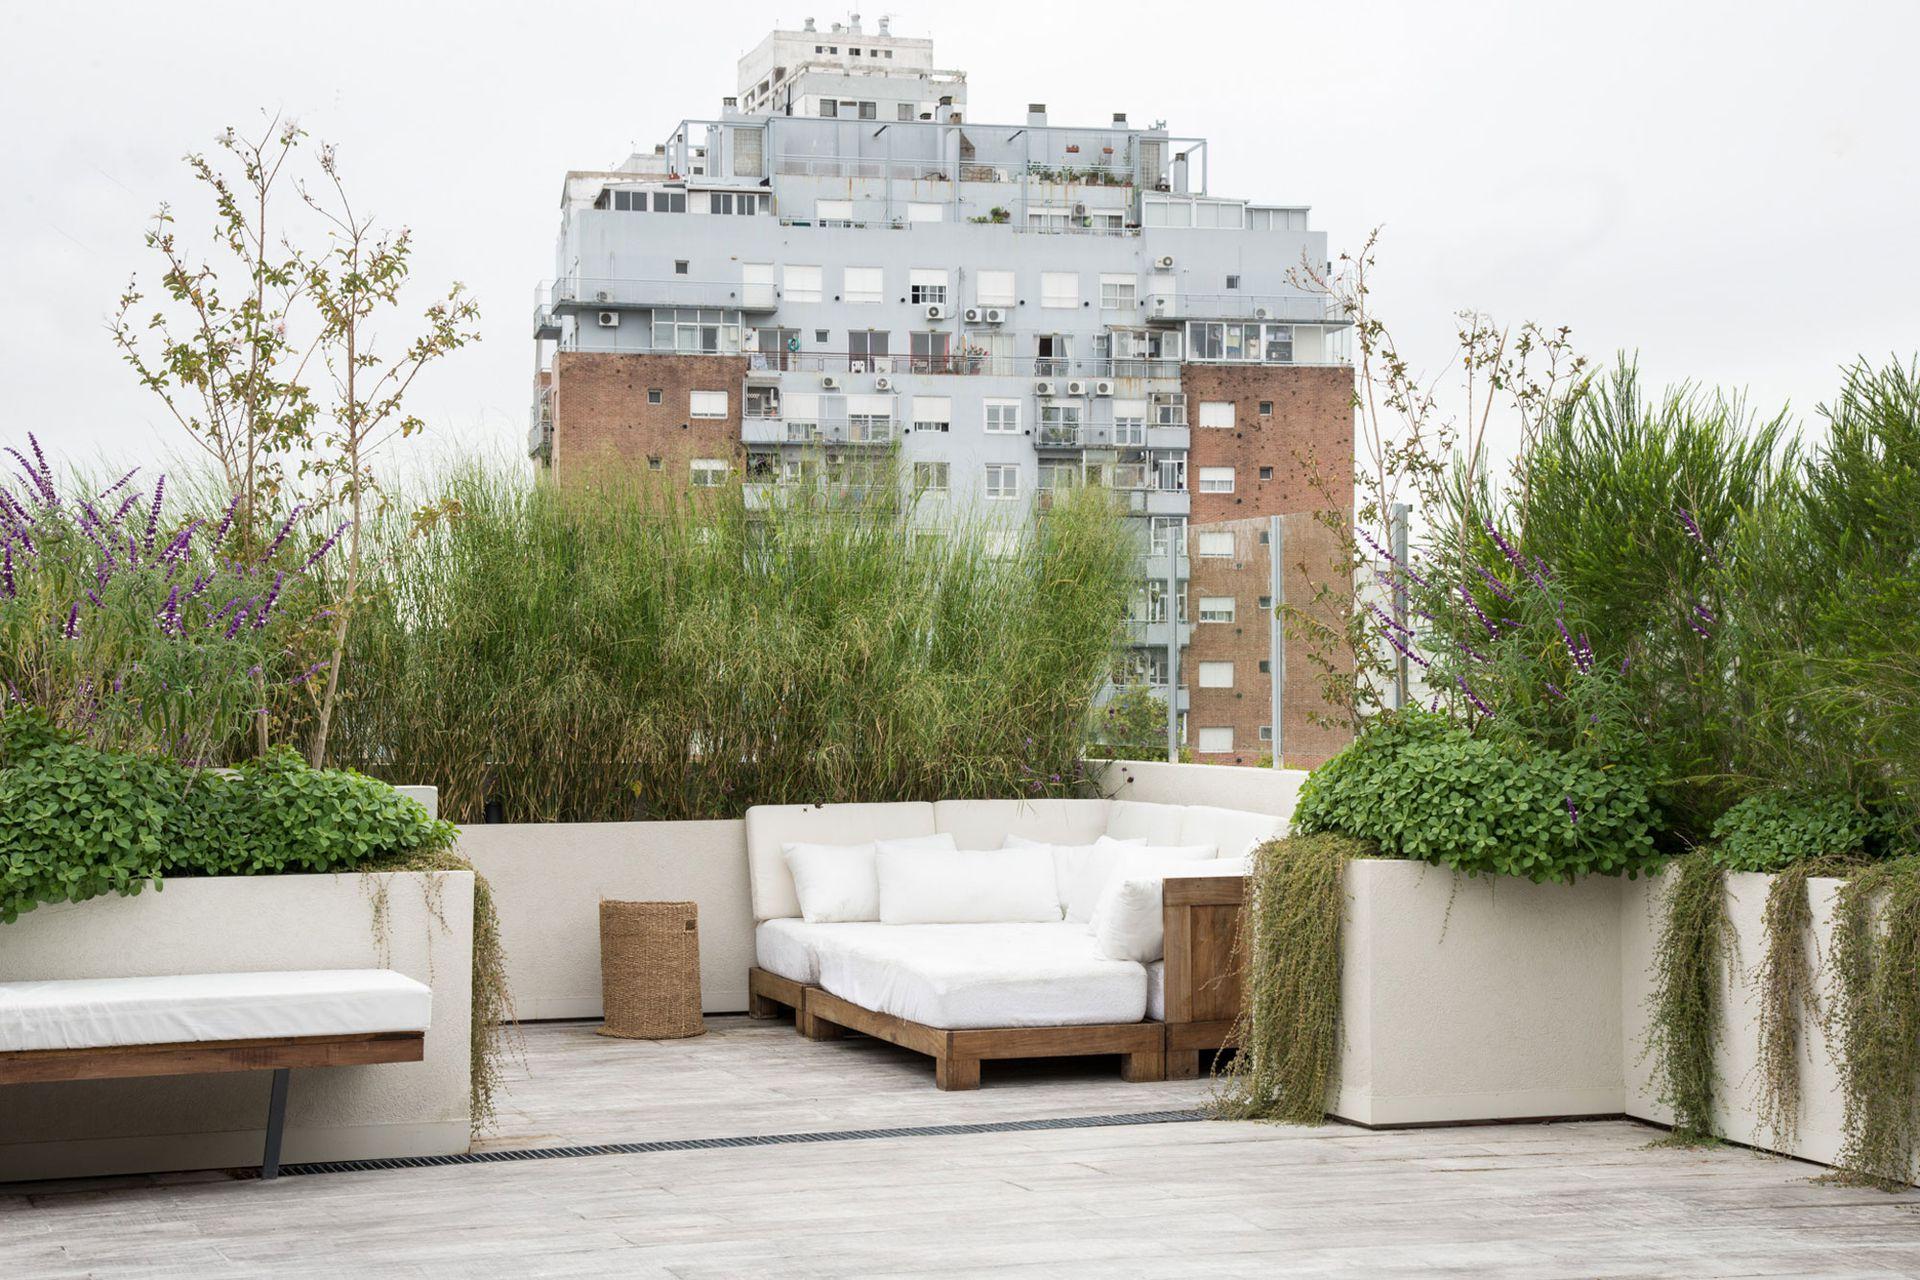 Según las especies elegidas, las plantas pueden ser aliadas para tapar las vistas en balcones y terrazas.